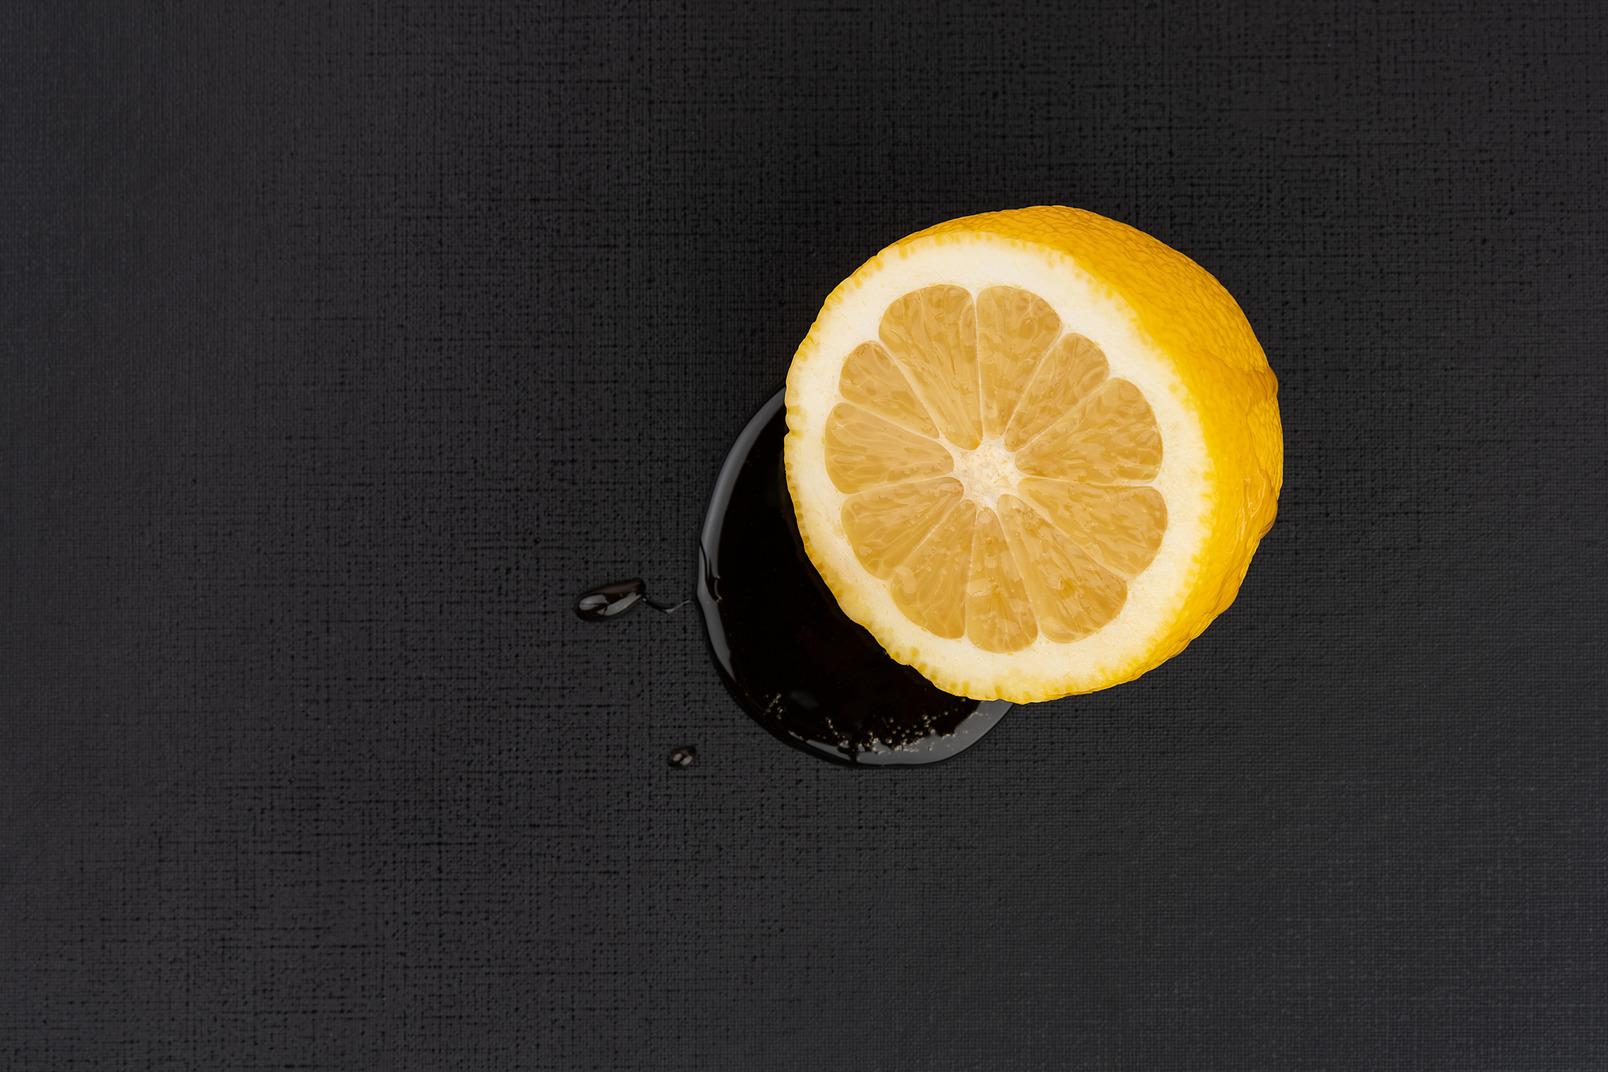 Drückte orange auf dem schwarzen hintergrund